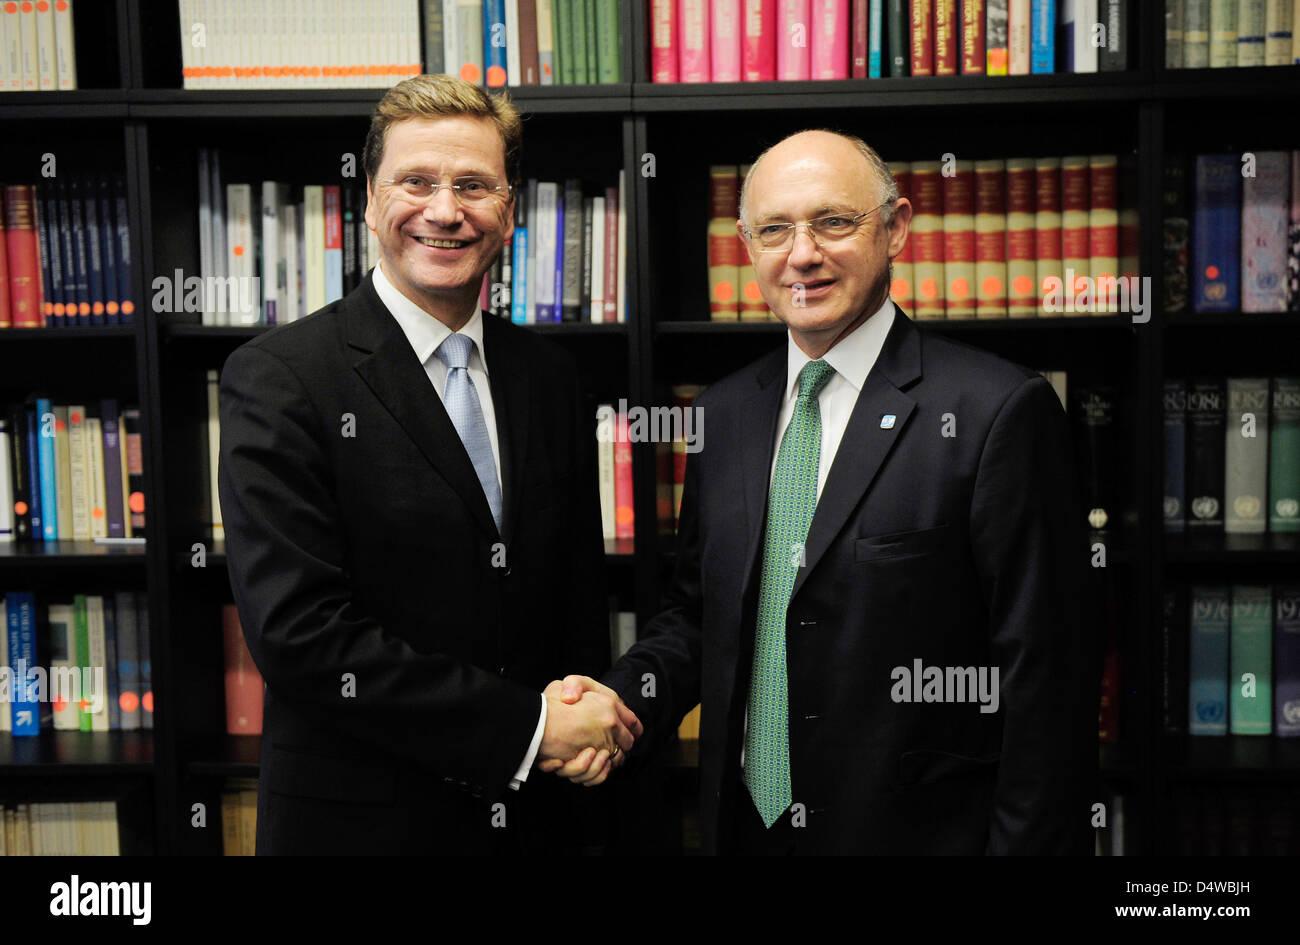 Außenminister Guido Westerwelle (l, FDP) trifft am Freitag (24.09.2010) während der 65. Generalversammlung - Stock Image